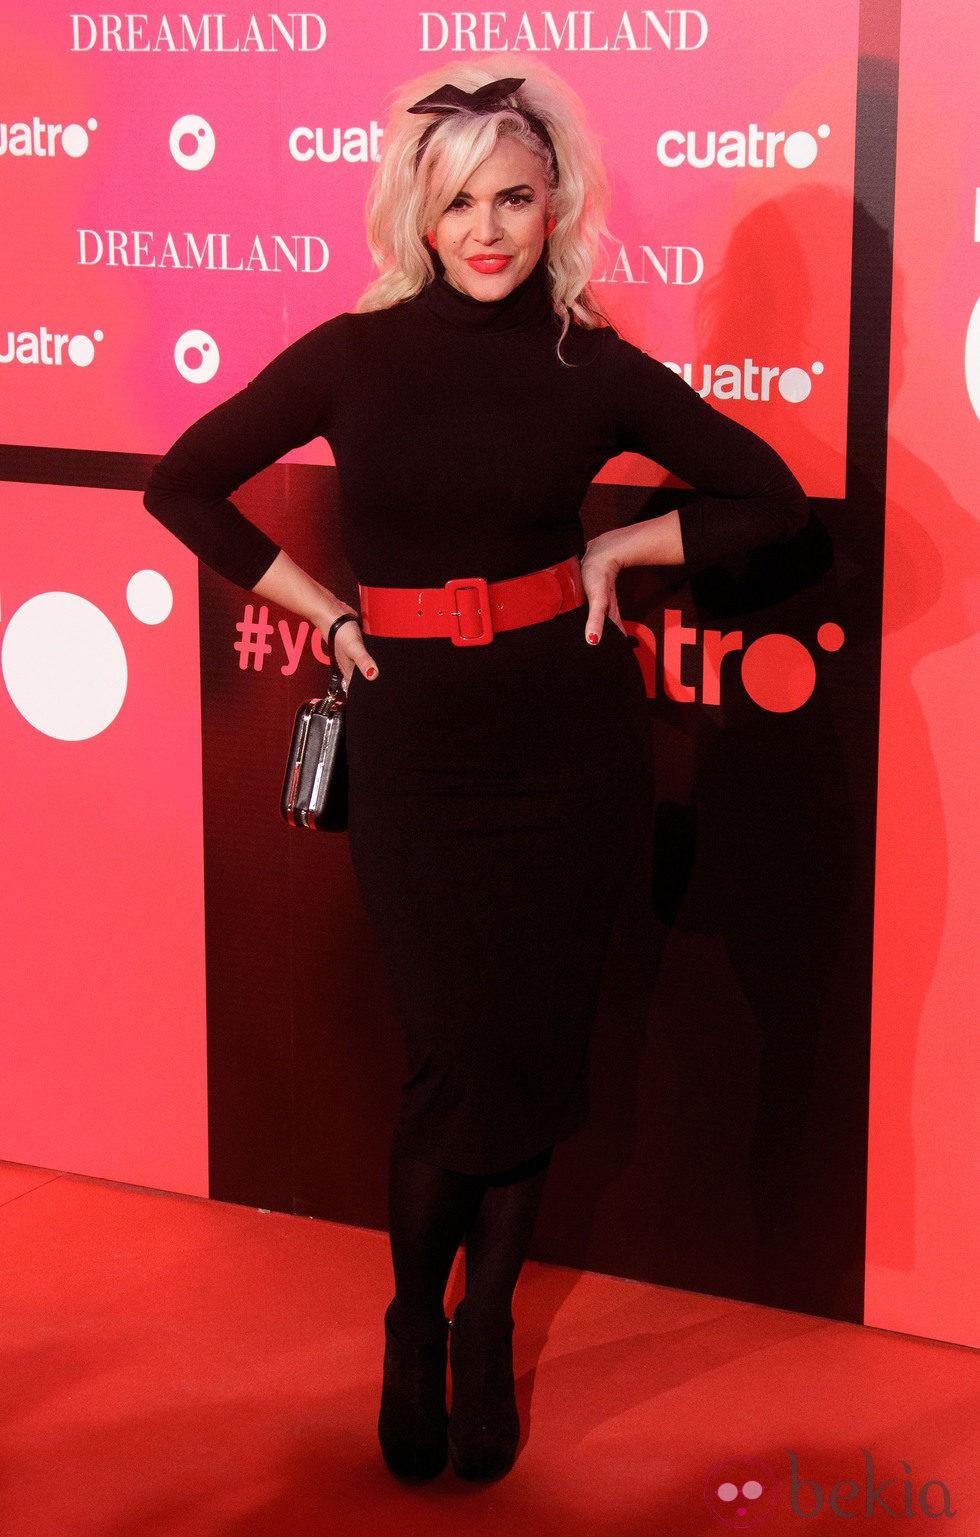 Silvia Superstar en la fiesta de presentación de 'Dreamland' en Madrid